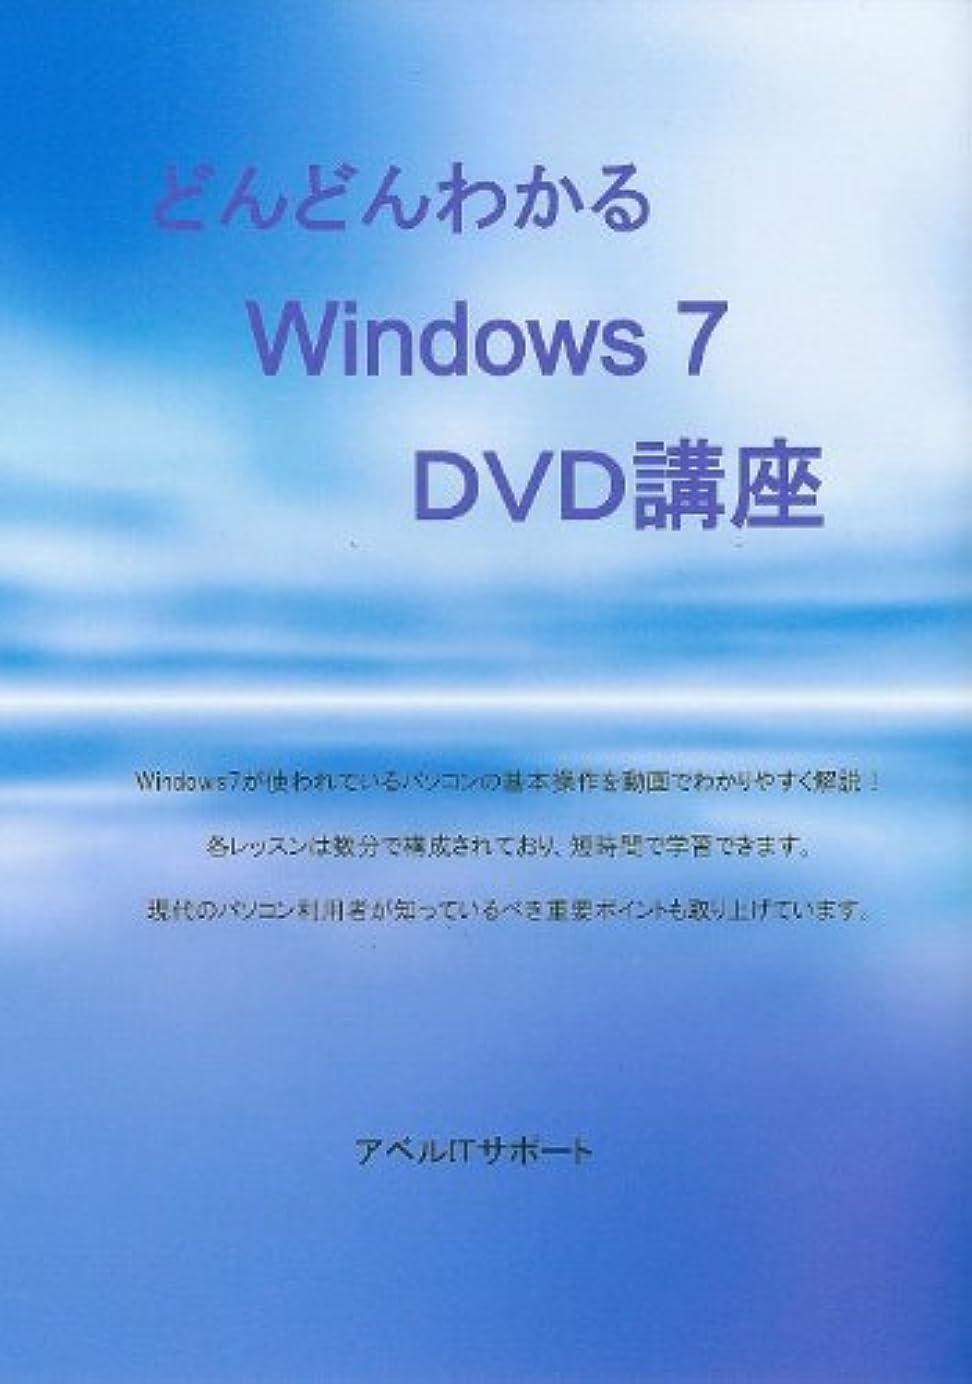 雲締め切り十分にどんどんわかる Windows7 DVD講座